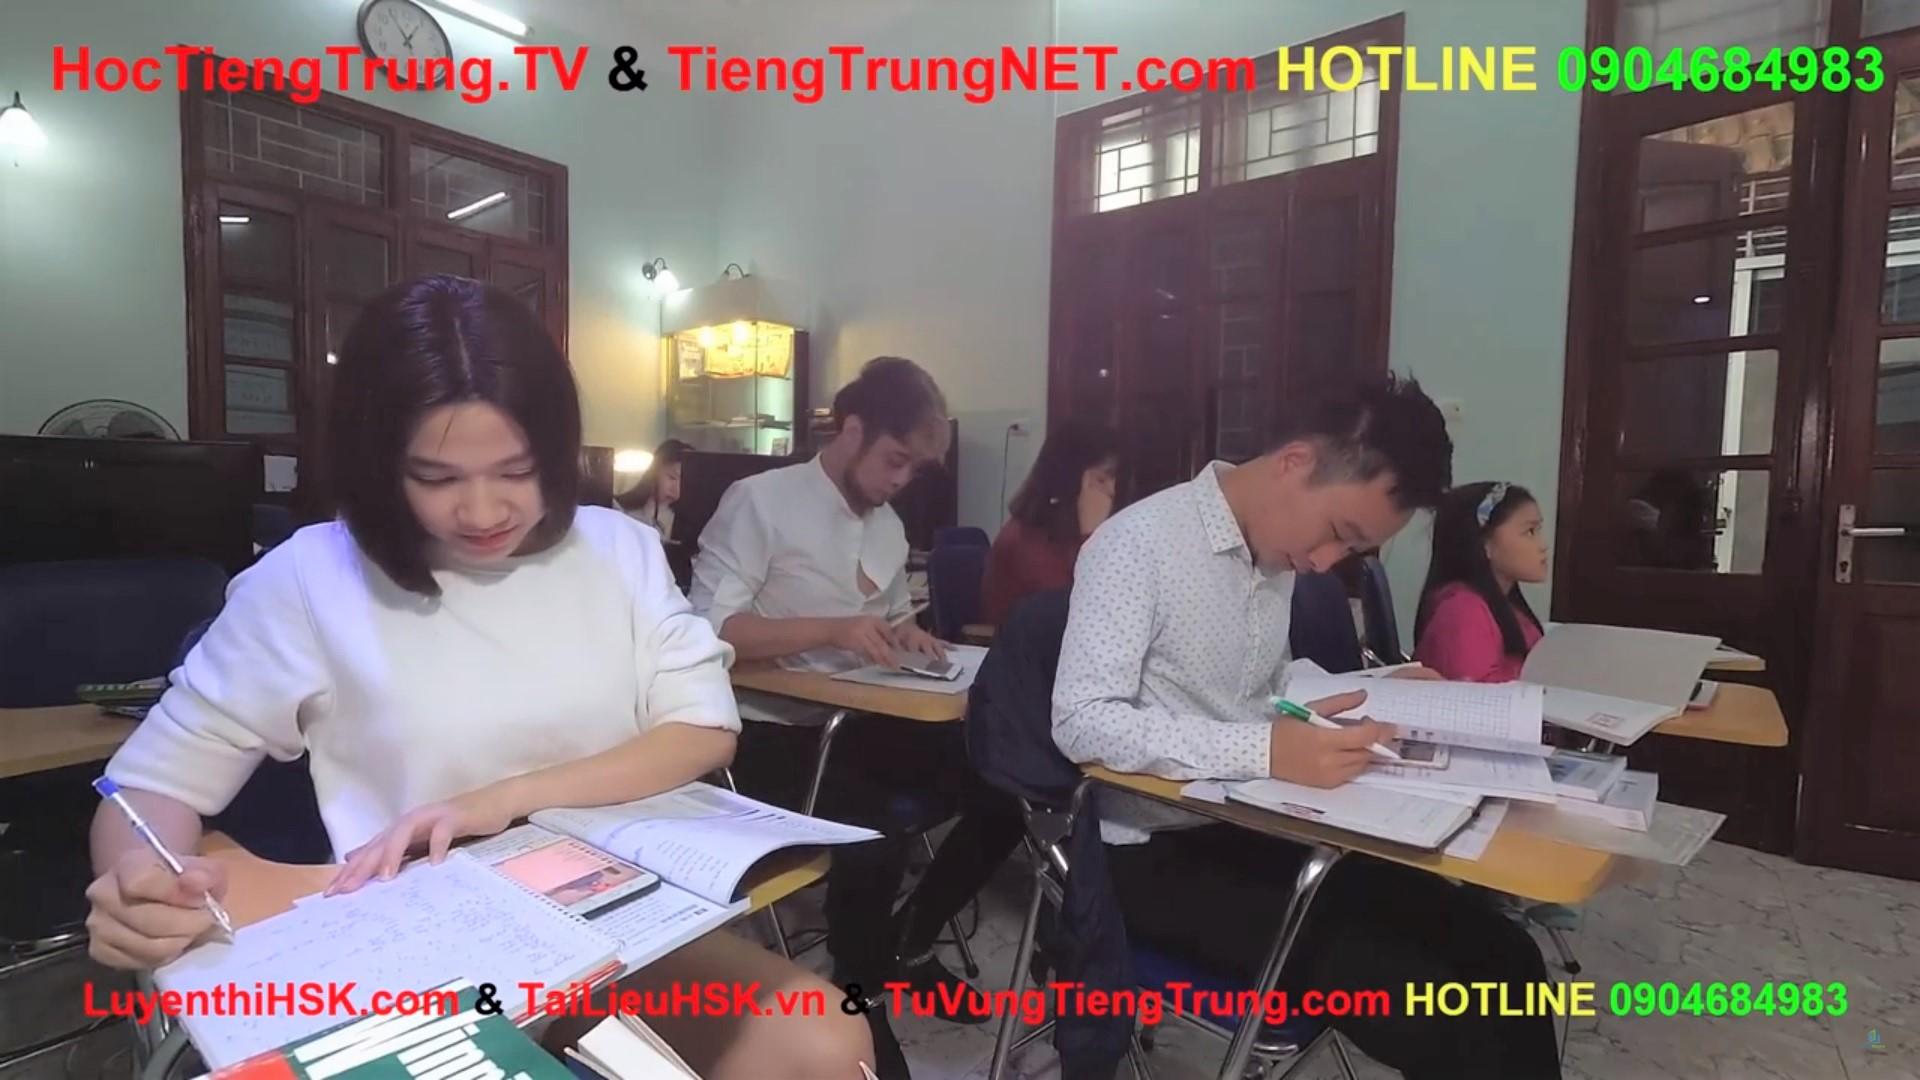 Học tiếng Trung online Thầy Vũ Trung tâm tiếng Trung ChineMaster 19